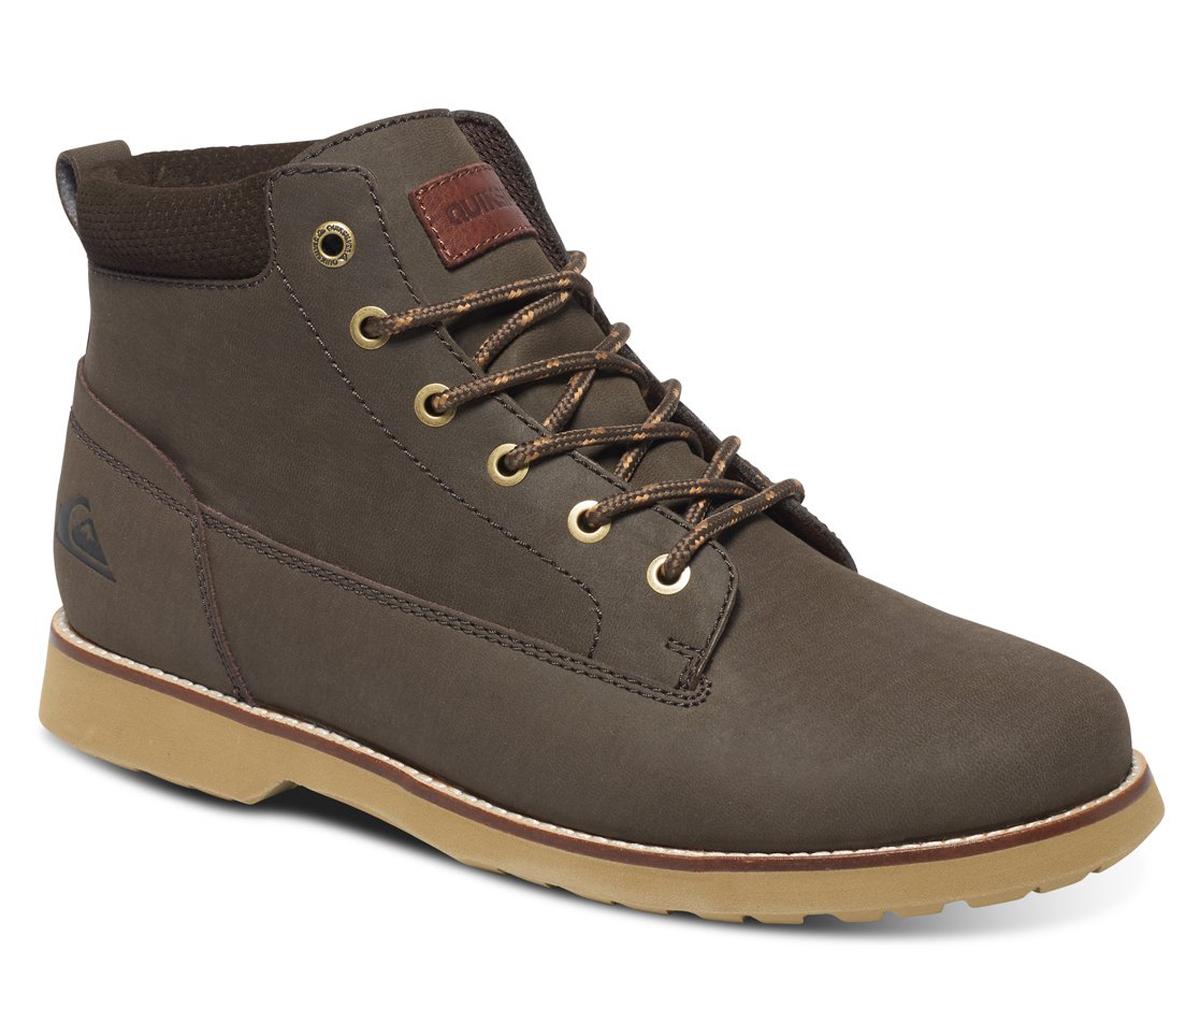 БотинкиAQYB700022-XCCCМужские ботинки Mission II от Quiksilver выполнены из натуральной кожи. Подкладка выполнена из теплой и уютной шерпы. Классическая шнуровка надежно зафиксирует модель на ноге. Удобные люверсы в стиле бордшортов позволяют быстро снимать и надевать ботинки. Многослойная стелька с функцией поддержки подъема стопы обеспечивает комфорт при движении.